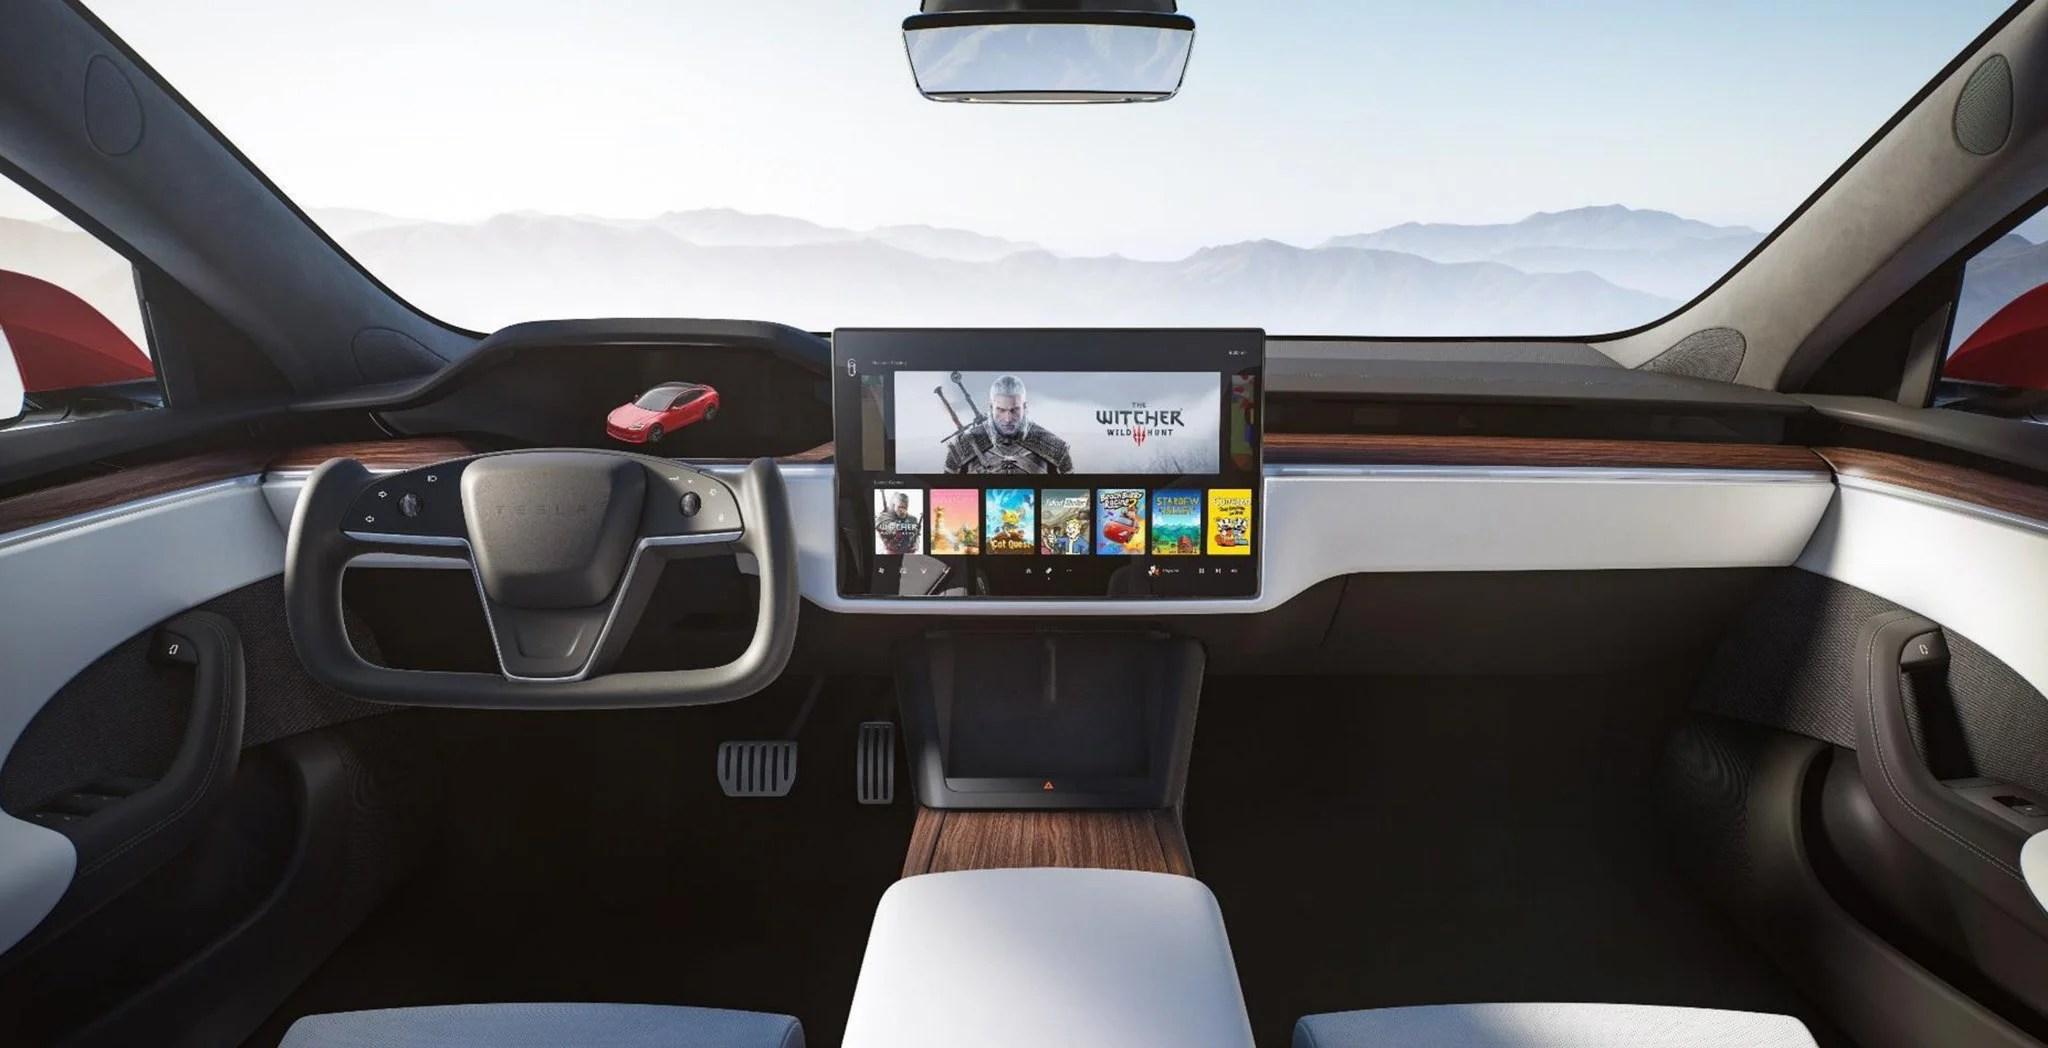 La nouvelle Tesla Model S est aussi une console de jeu avec la puissance graphique d'une PS5